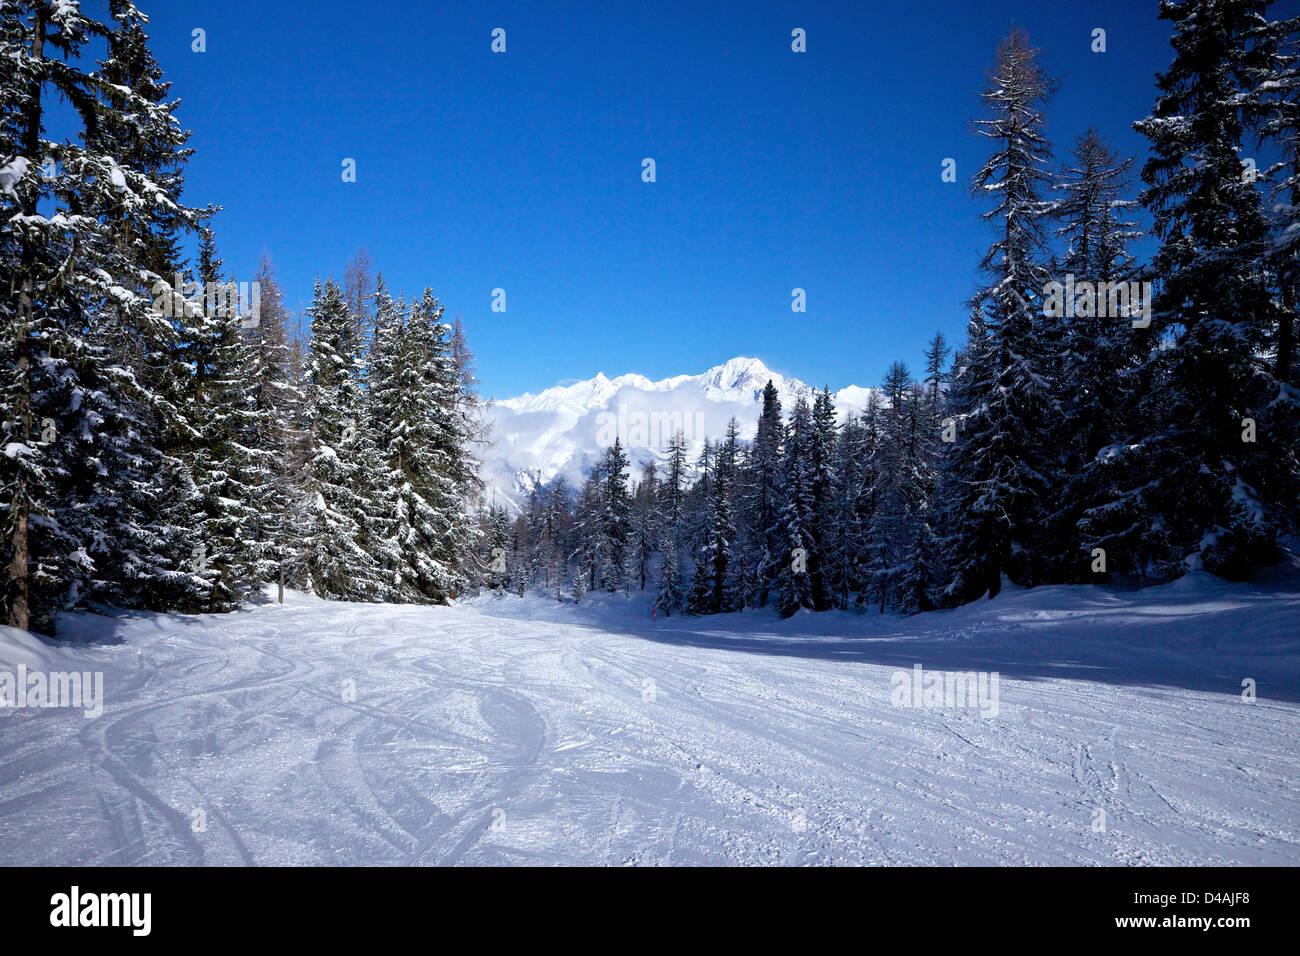 La mattina presto sulle piste di Les Arcs, Savoie, Francia, Europa Immagini Stock